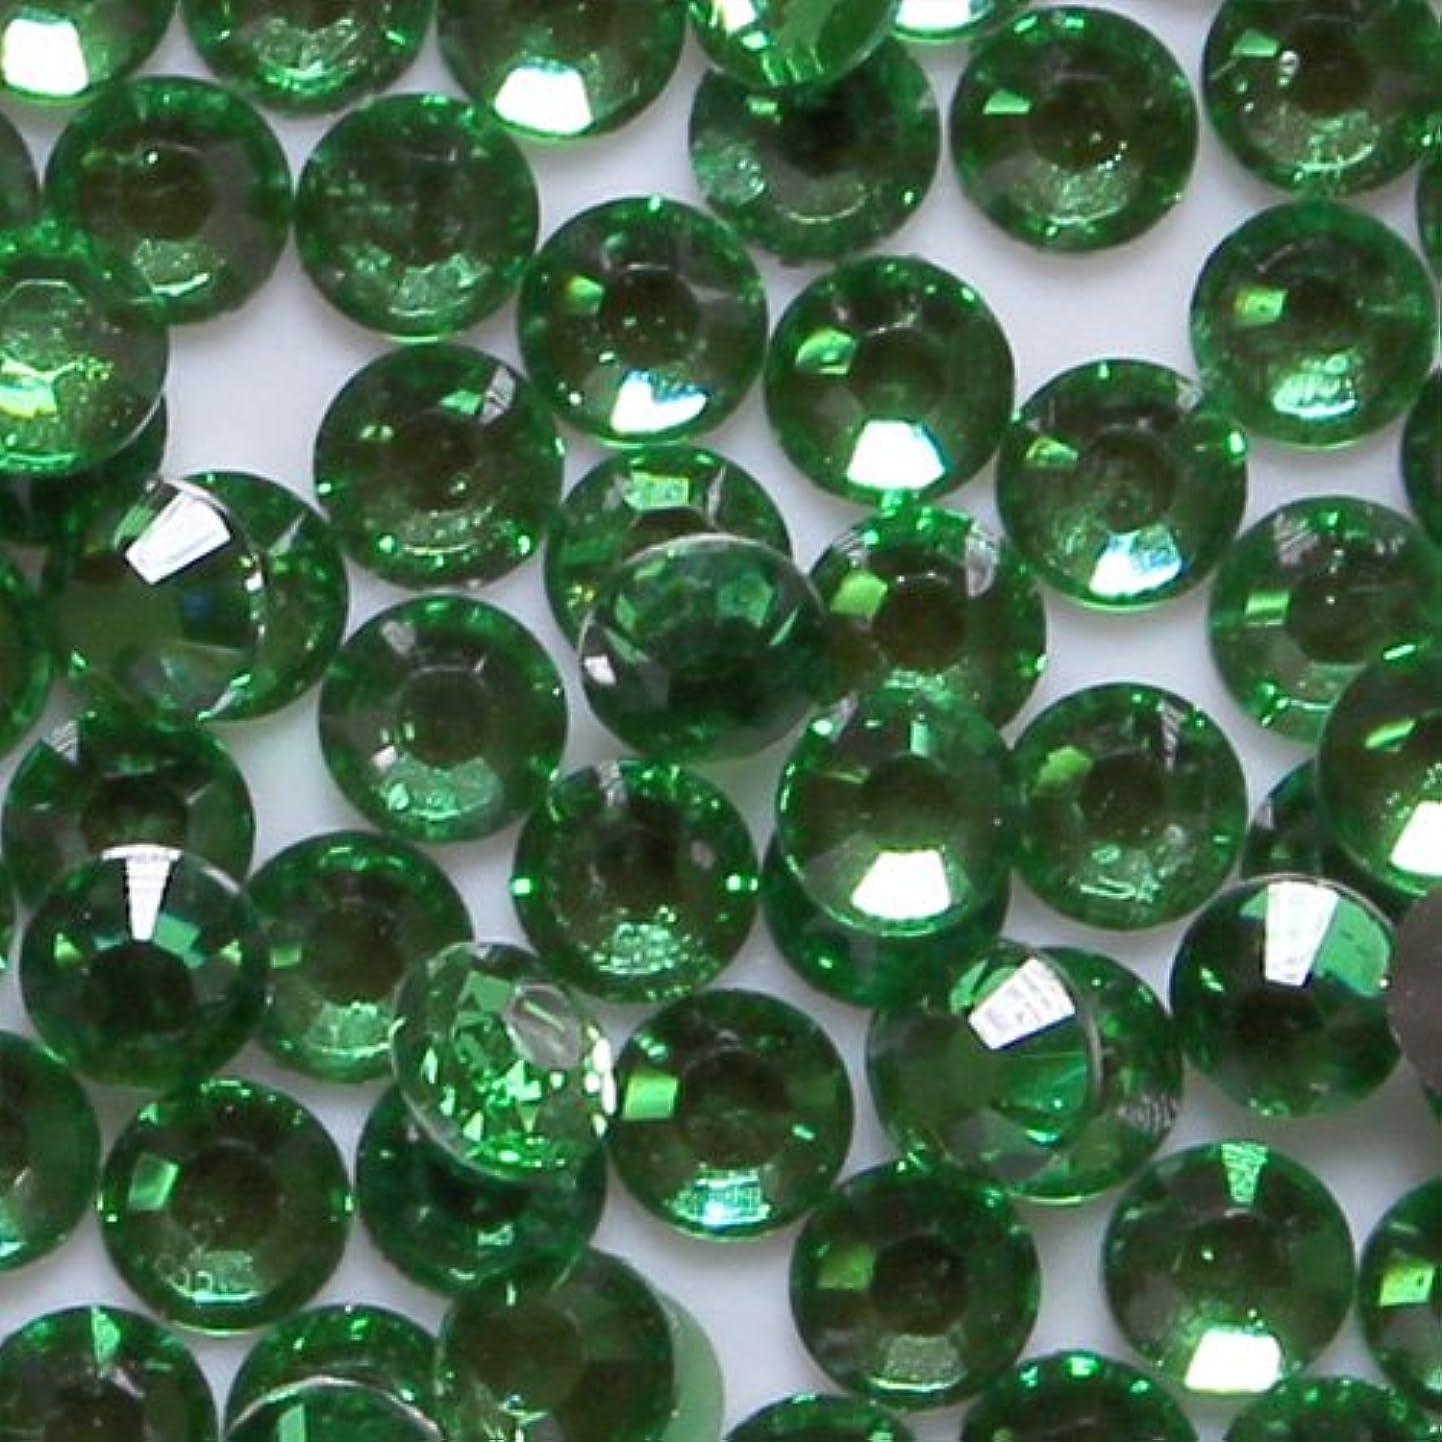 中性接続詞分解する高品質 アクリルストーン ラインストーン ラウンドフラット 約1000粒入り 3mm グリーントルマリン